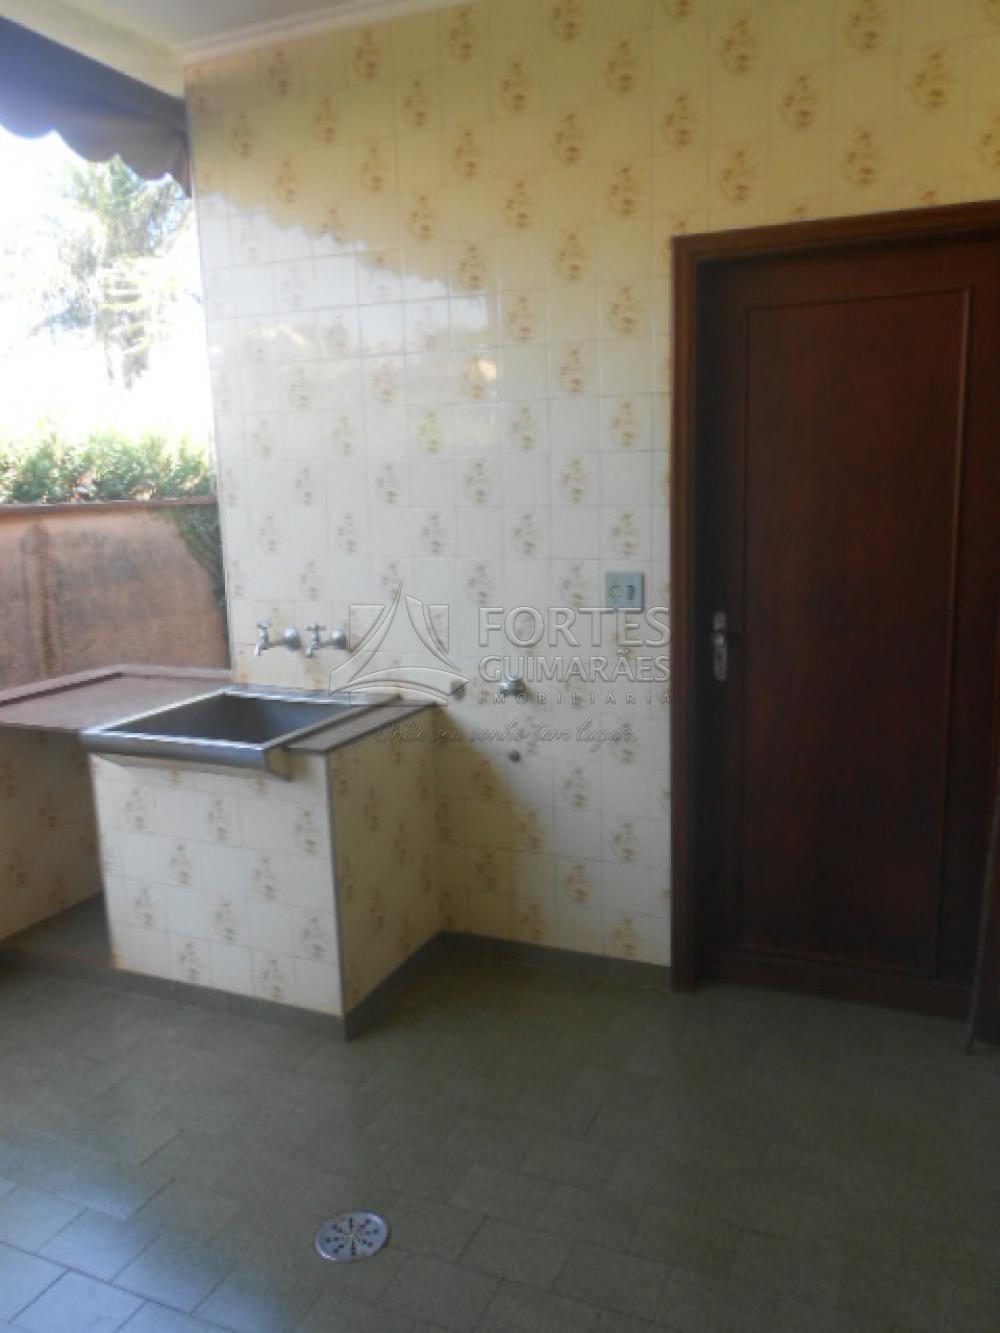 Alugar Casas / Padrão em Ribeirão Preto apenas R$ 2.500,00 - Foto 56